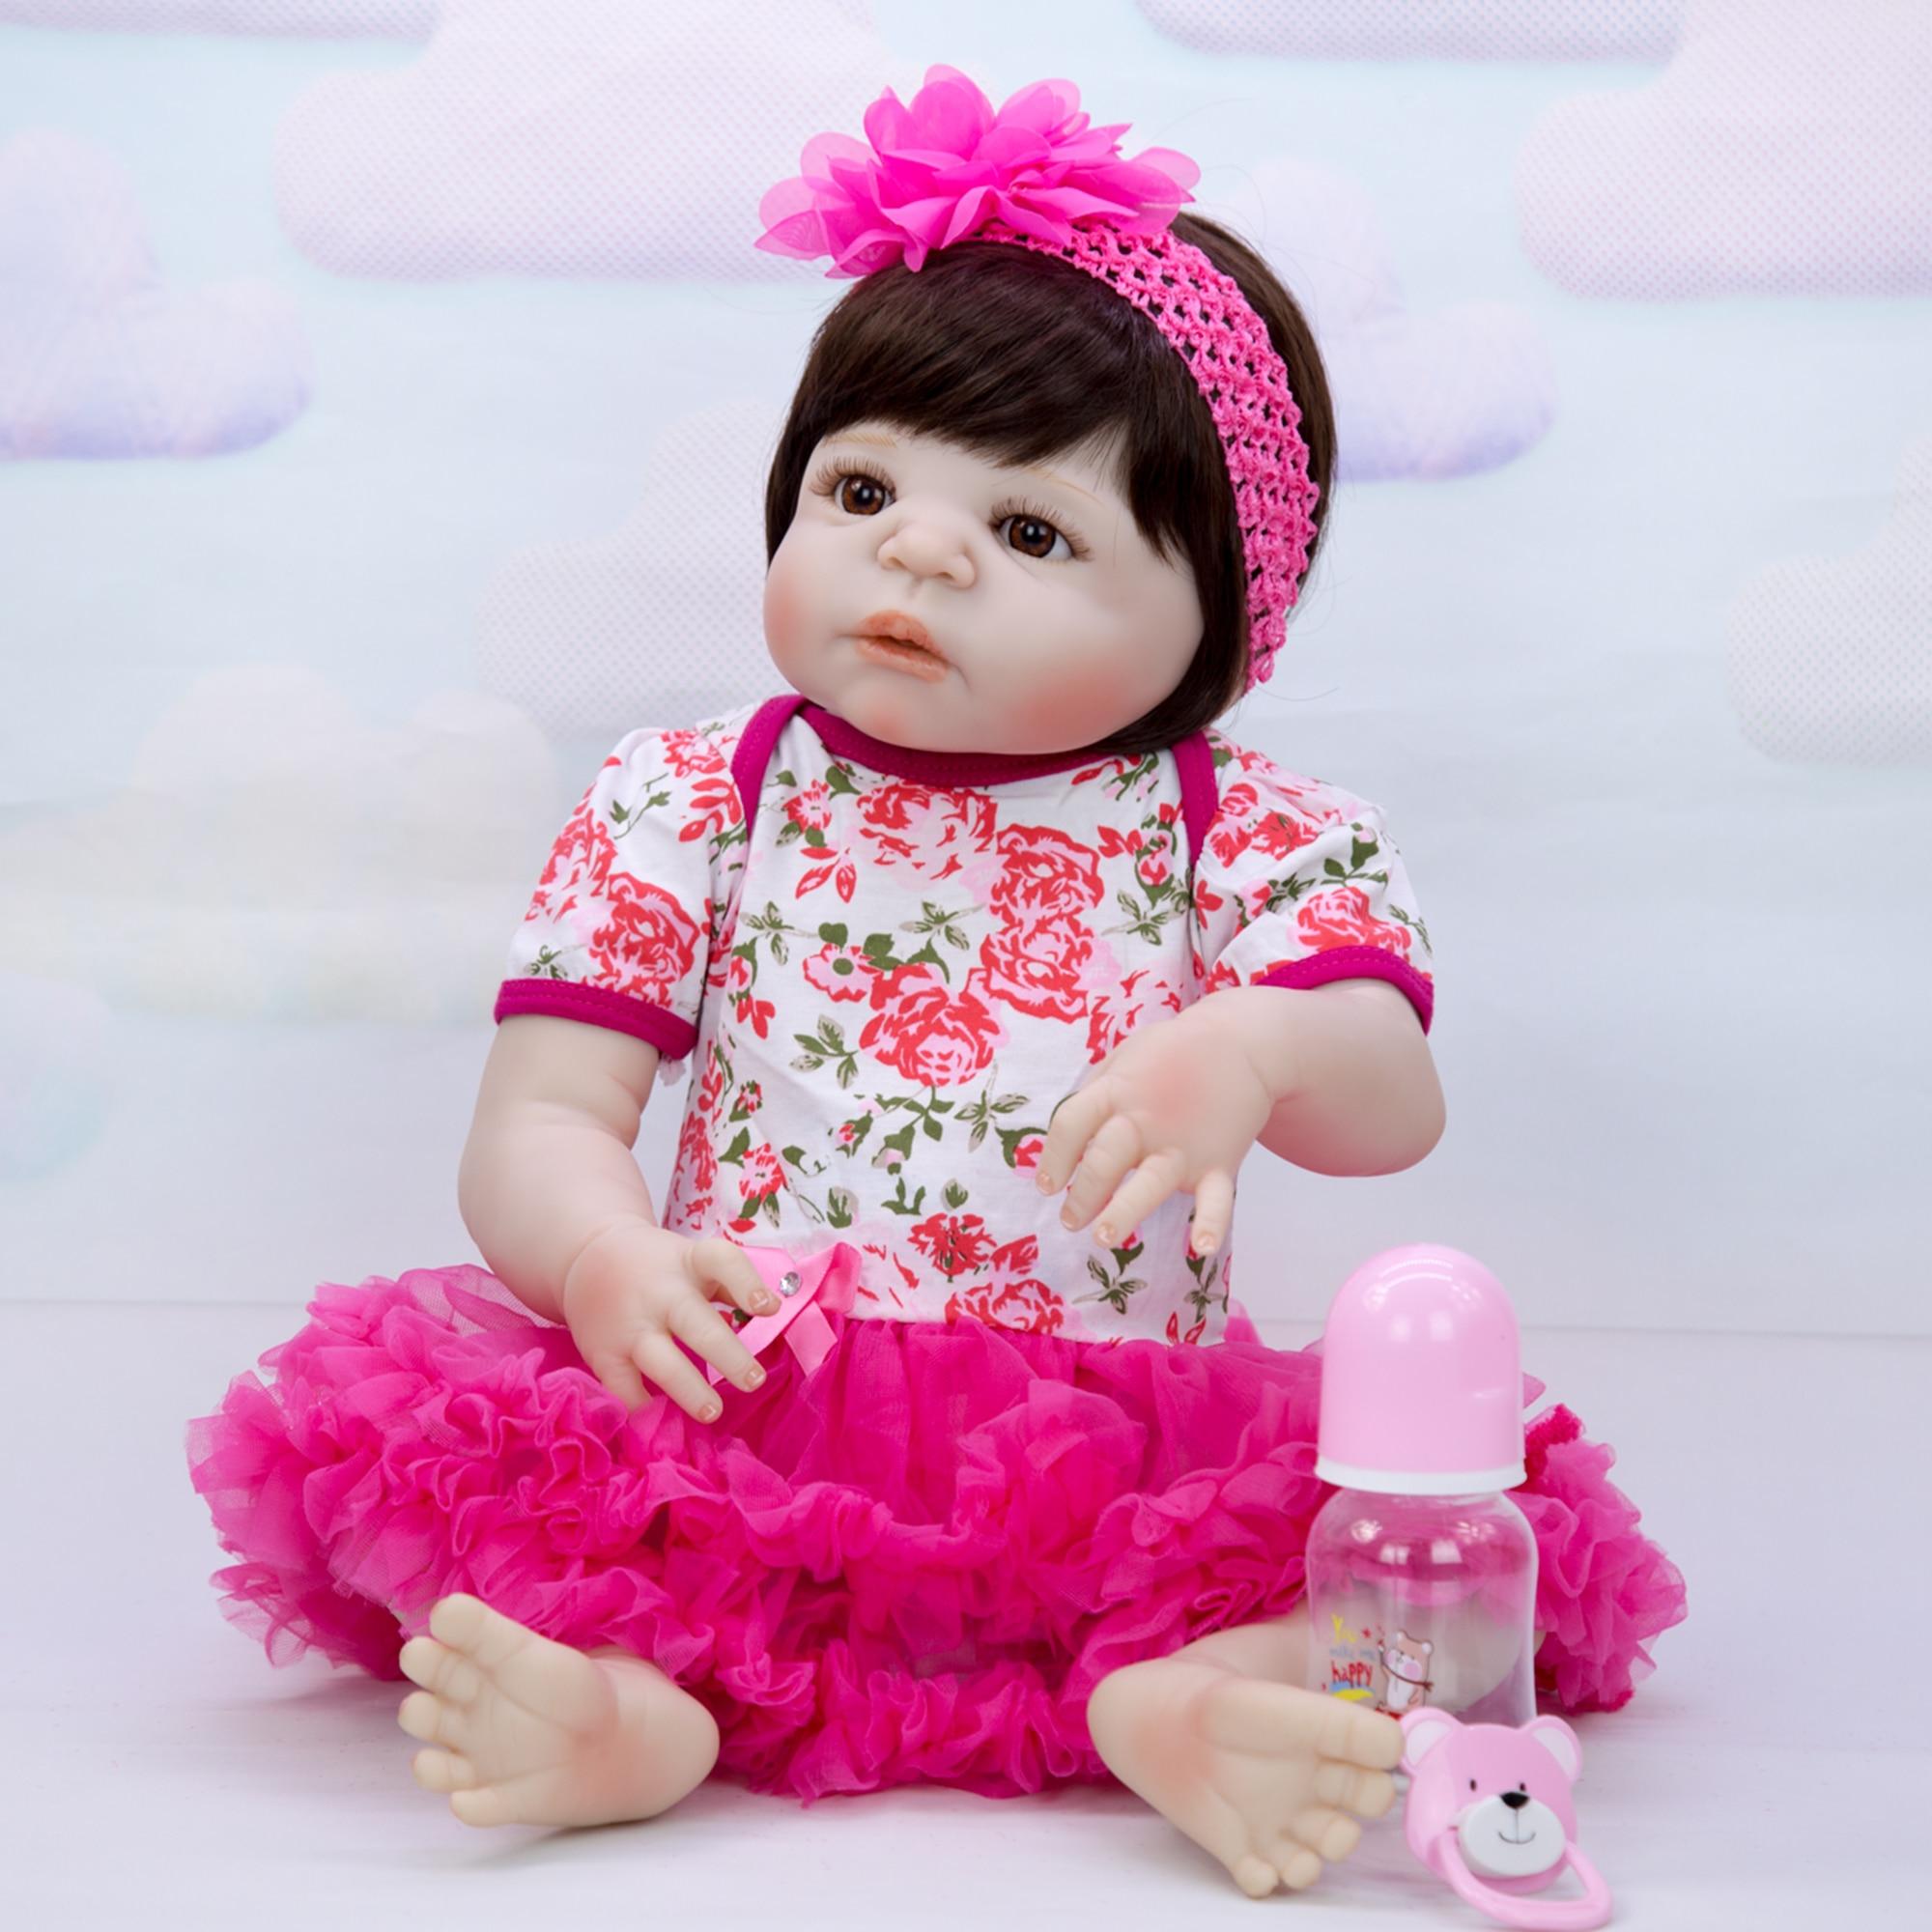 Oyuncaklar ve Hobi Ürünleri'ten Bebekler'de KEIUMI Moda Reborn Kız Bebek 23 ''57 cm Gerçekçi Yenidoğan Prenses Bebek bebek çocuklar için doğum günü hediyesi Yatmadan Oyun'da  Grup 2